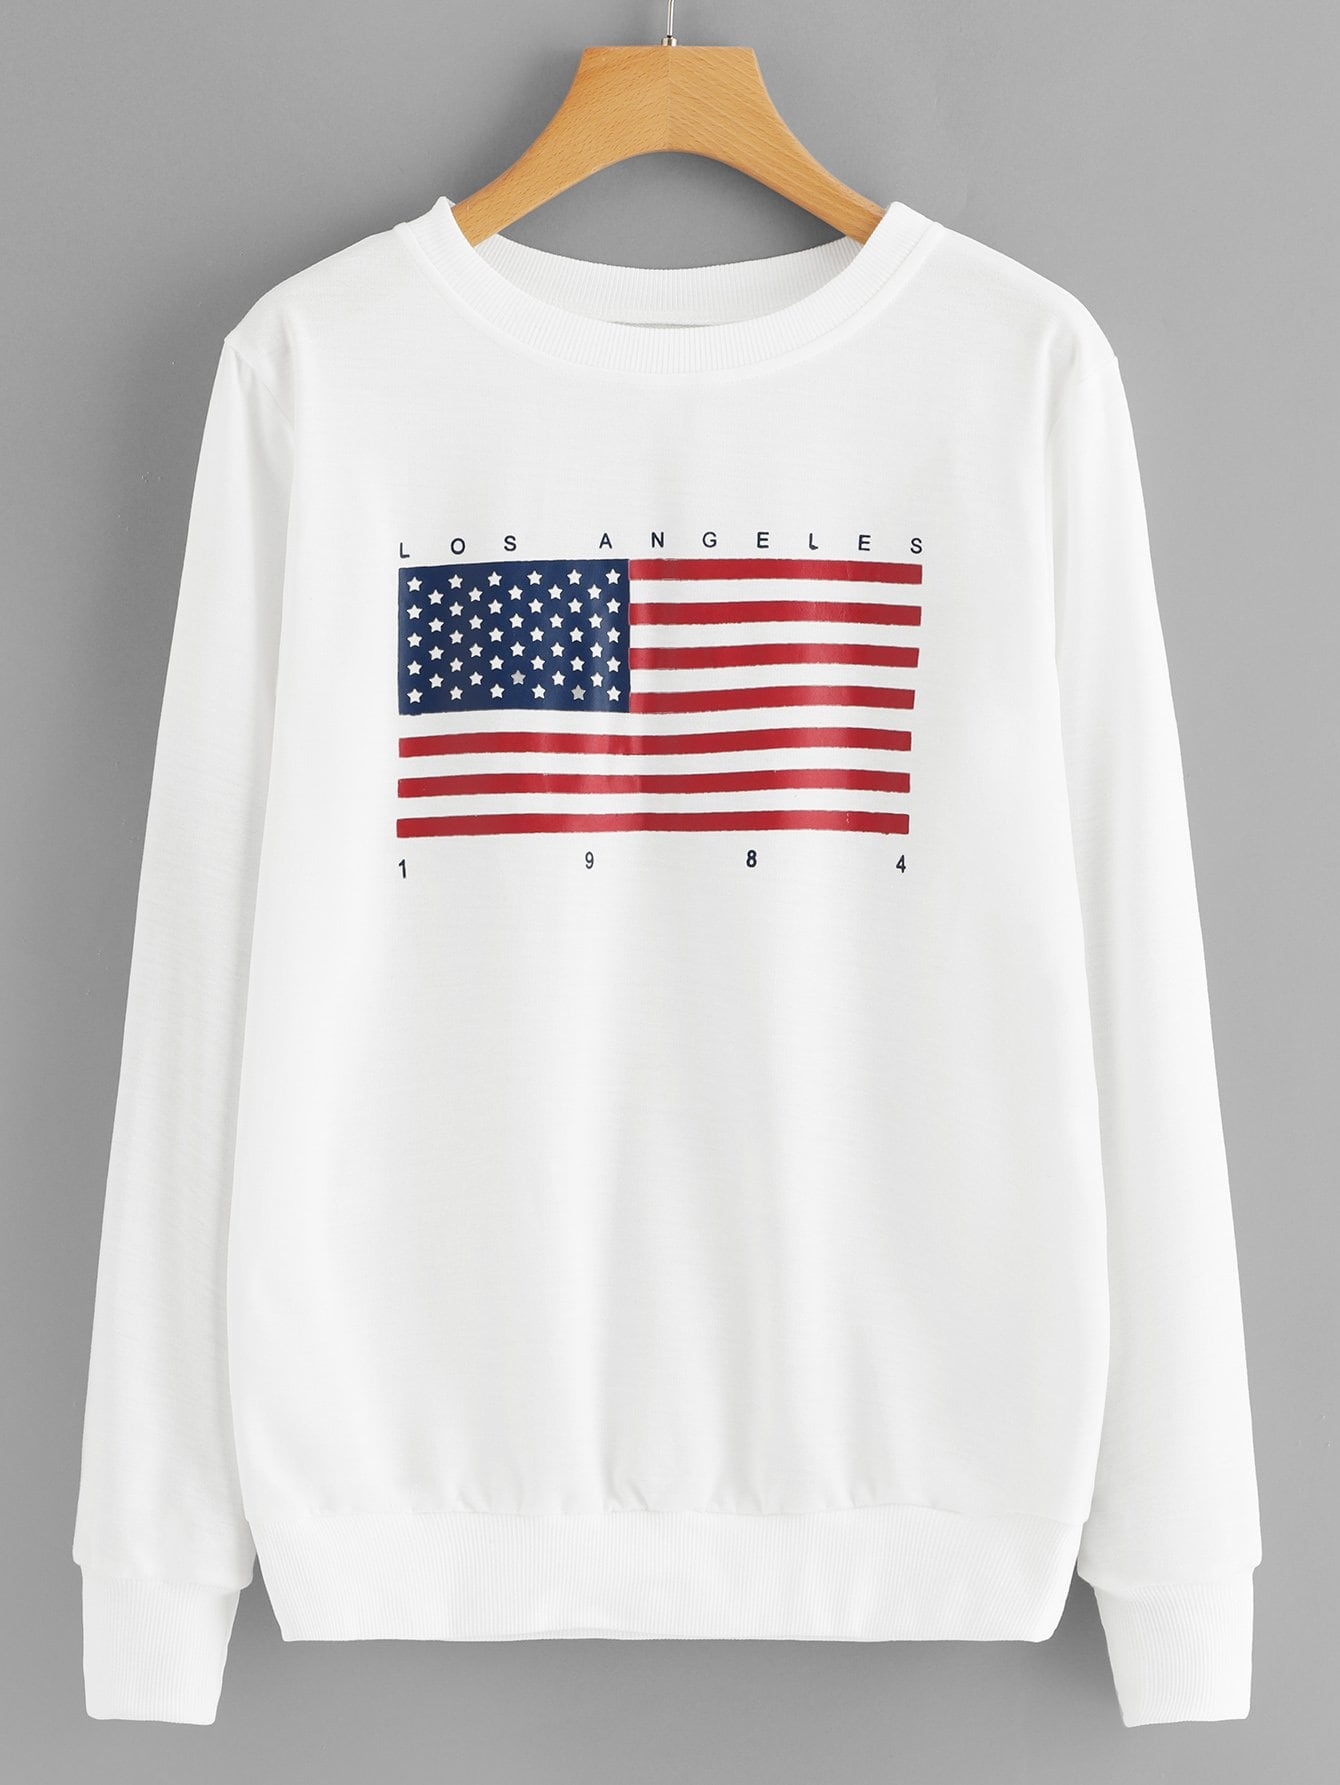 Повседневный Текст Пуловеры Белый Свитшоты